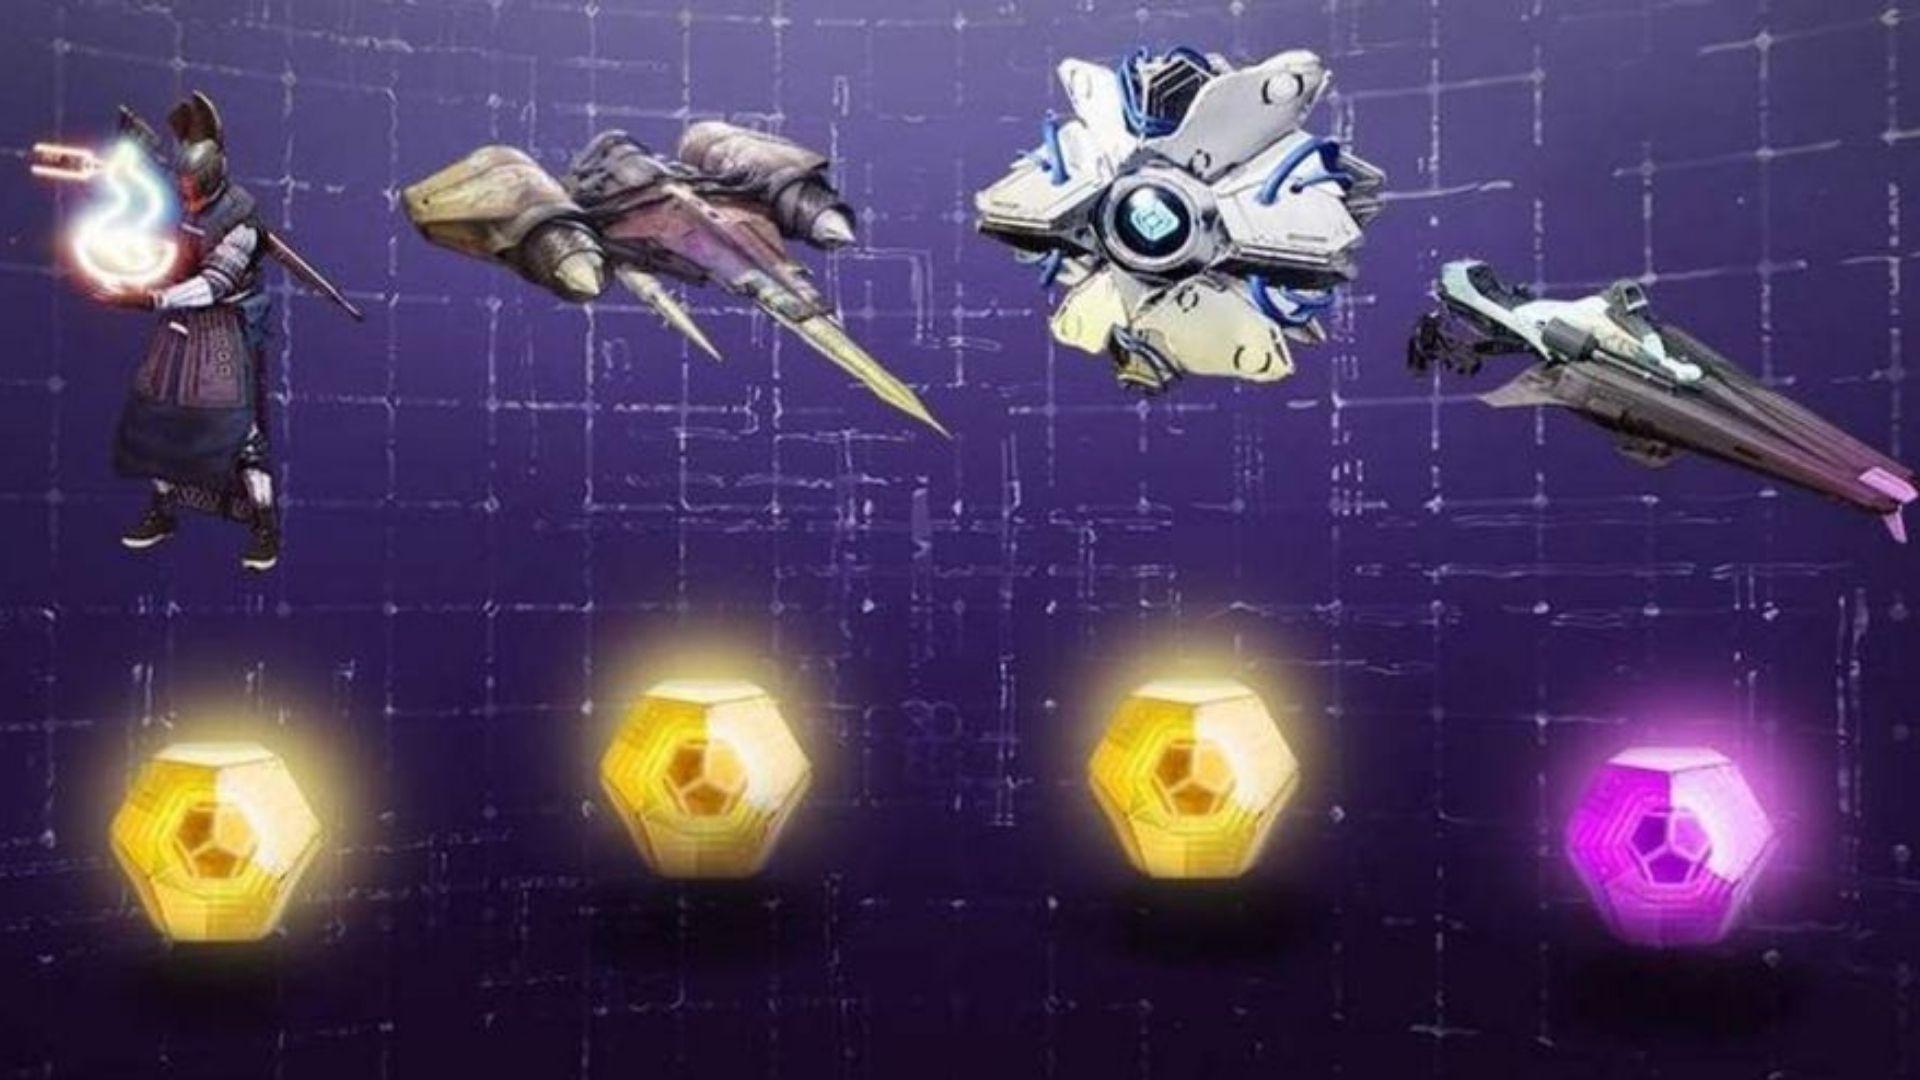 Destiny 2 Ucretsiz Egzotikler Oyunpat-oyunpat